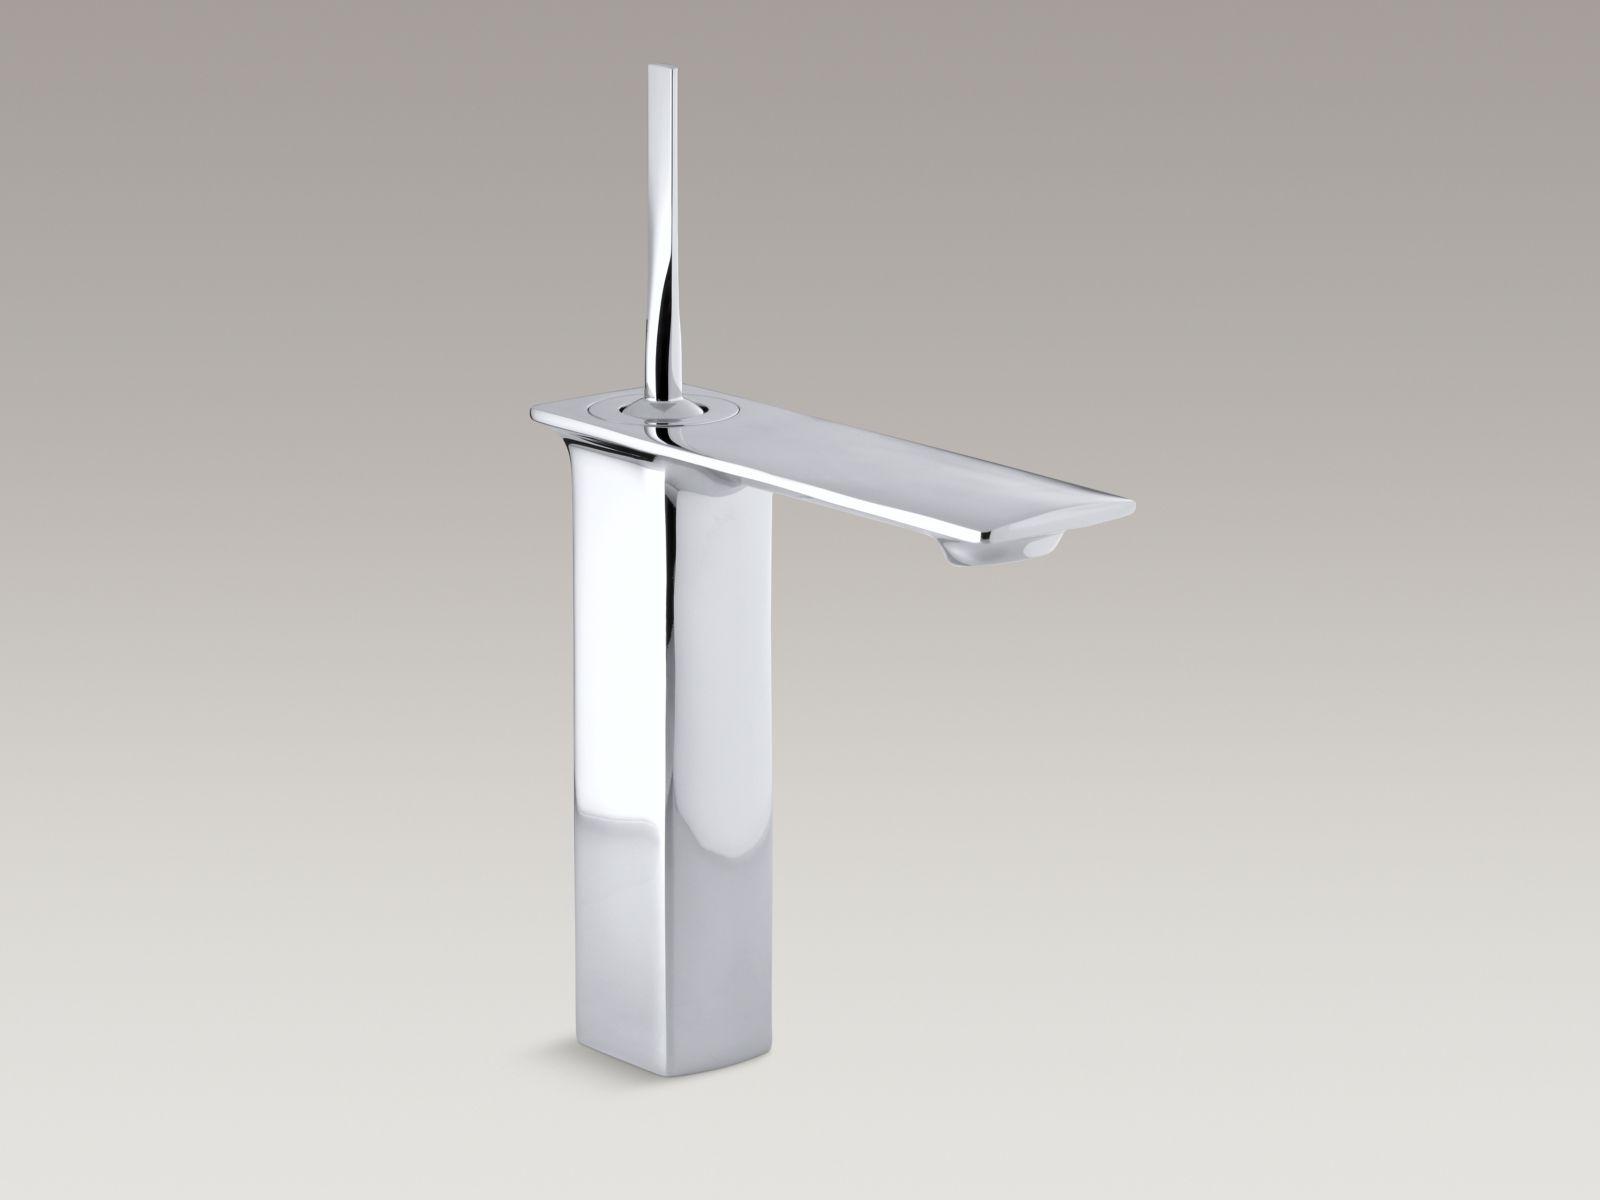 kohler stance sink faucet kohler stance sink faucet buyplumbing category single handle bathroom faucet 1600 x 1200